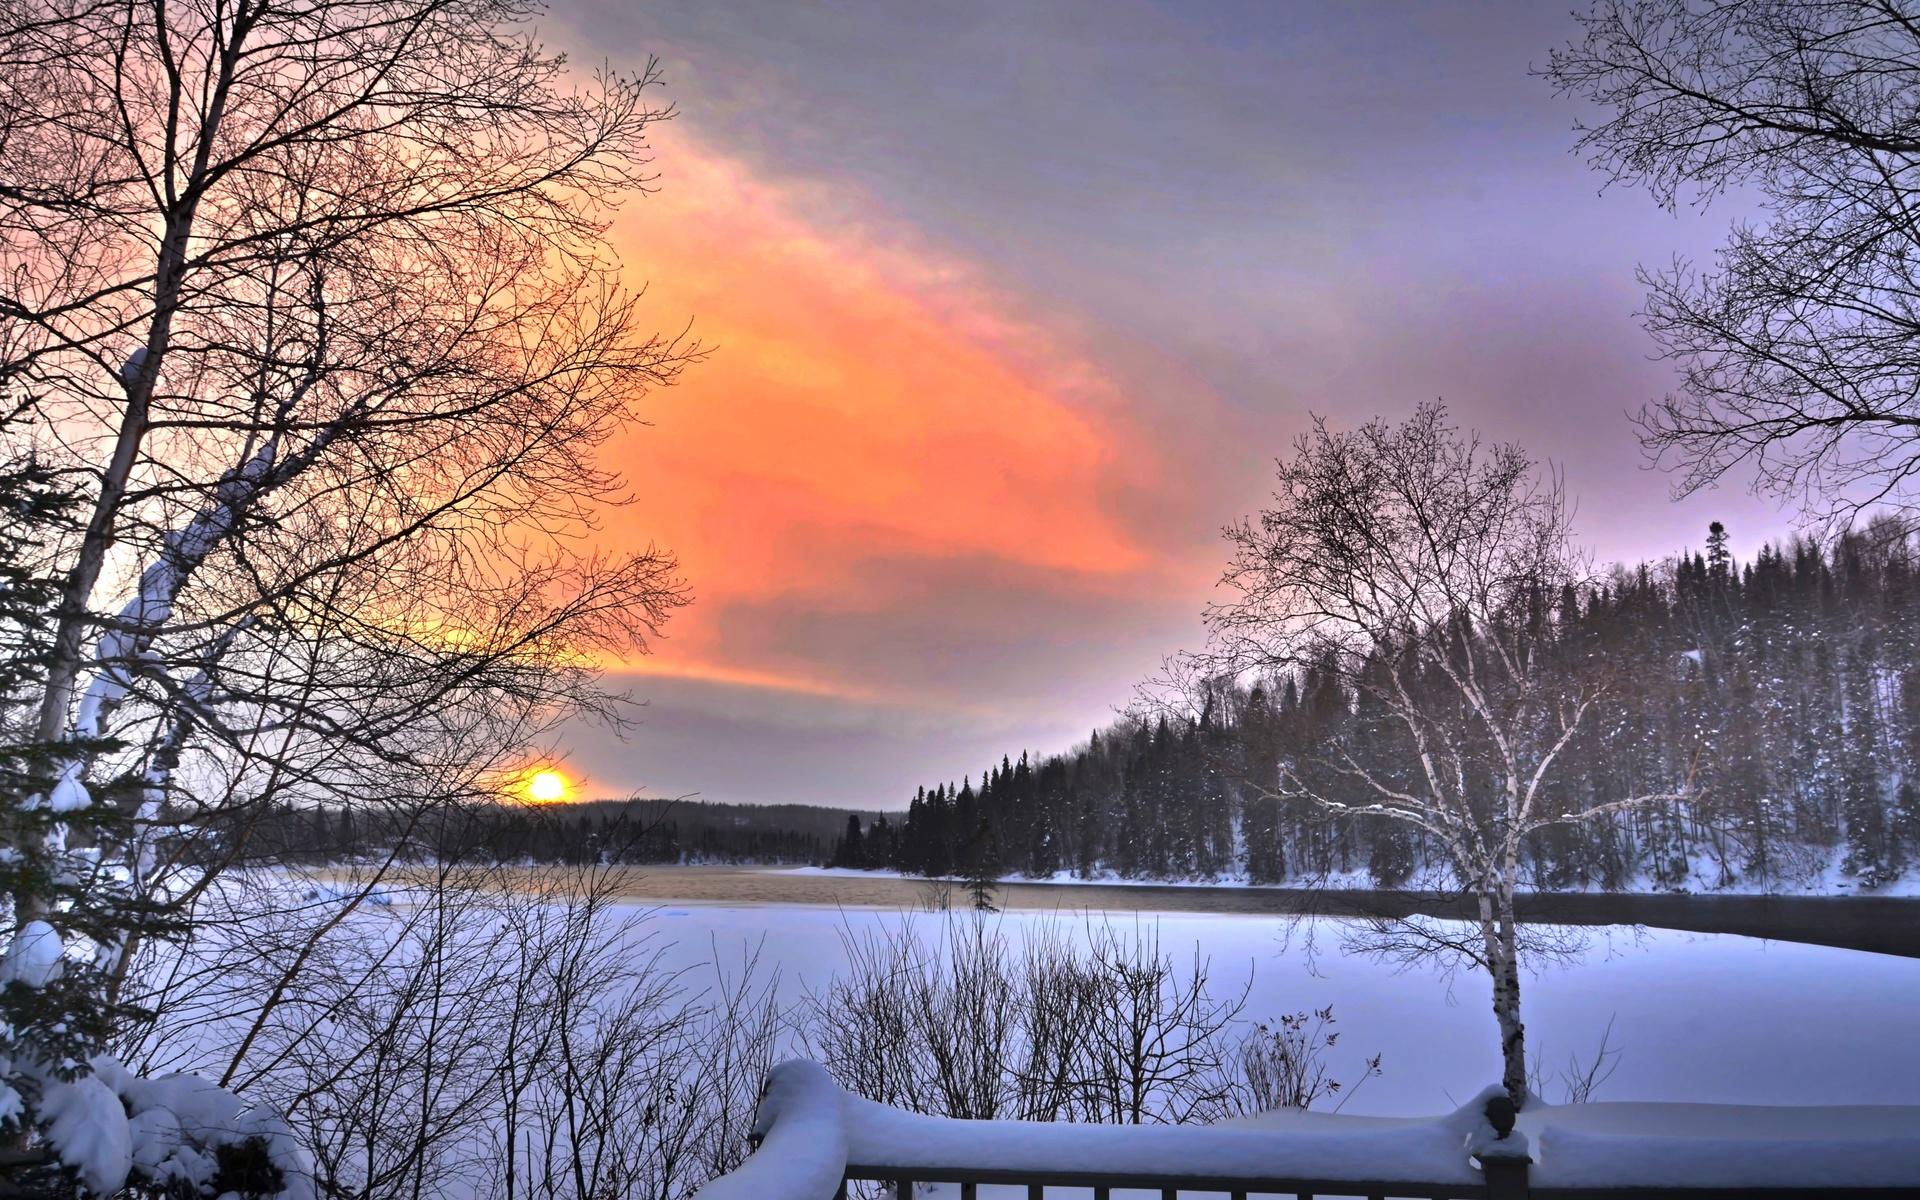 пейзаж природа, зима, снег, деревья, небо, закат